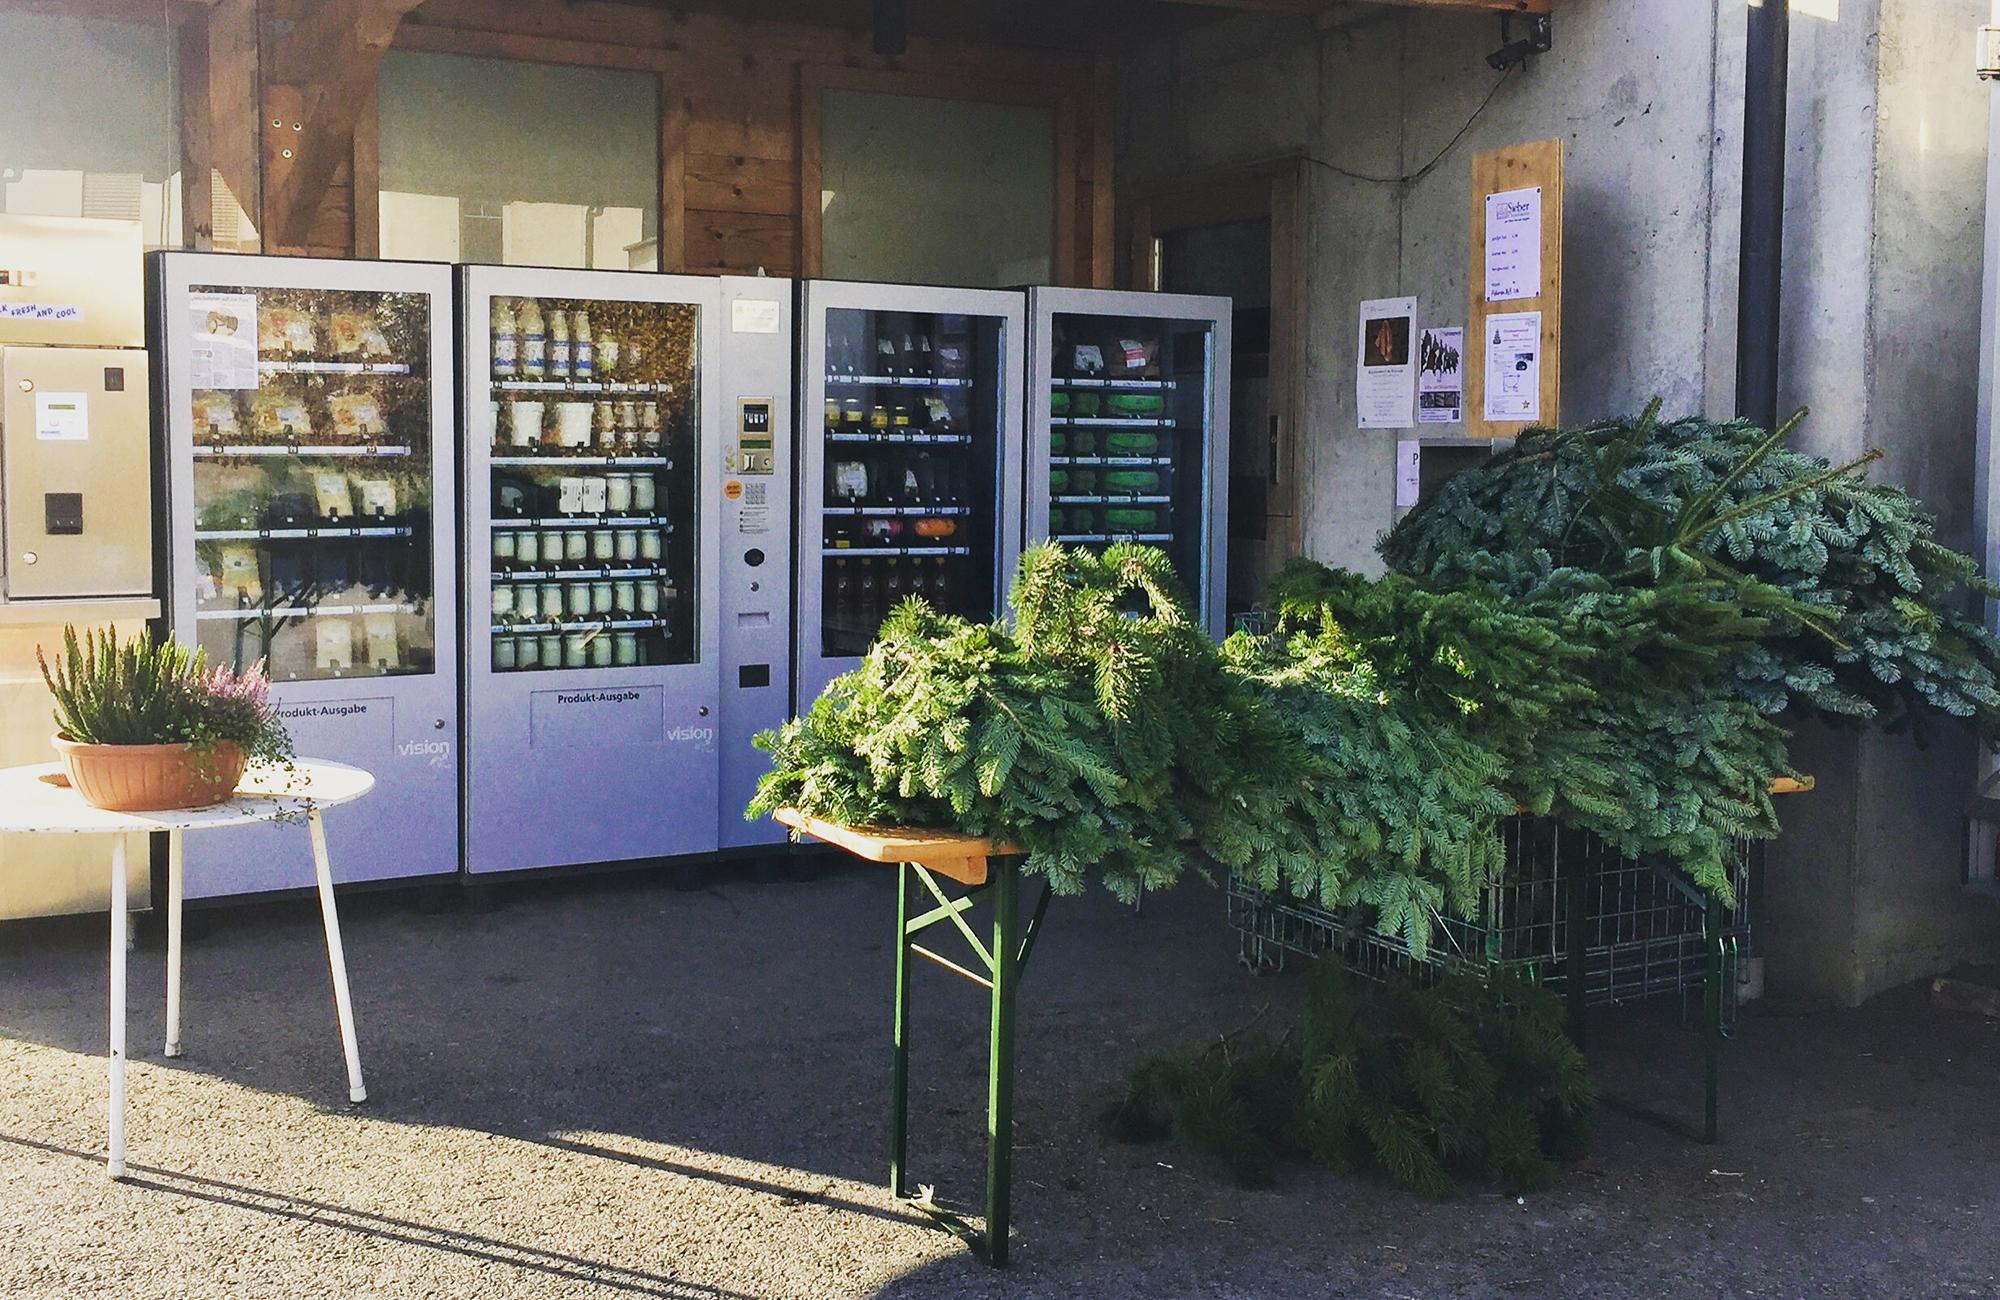 Bild von den Automaten